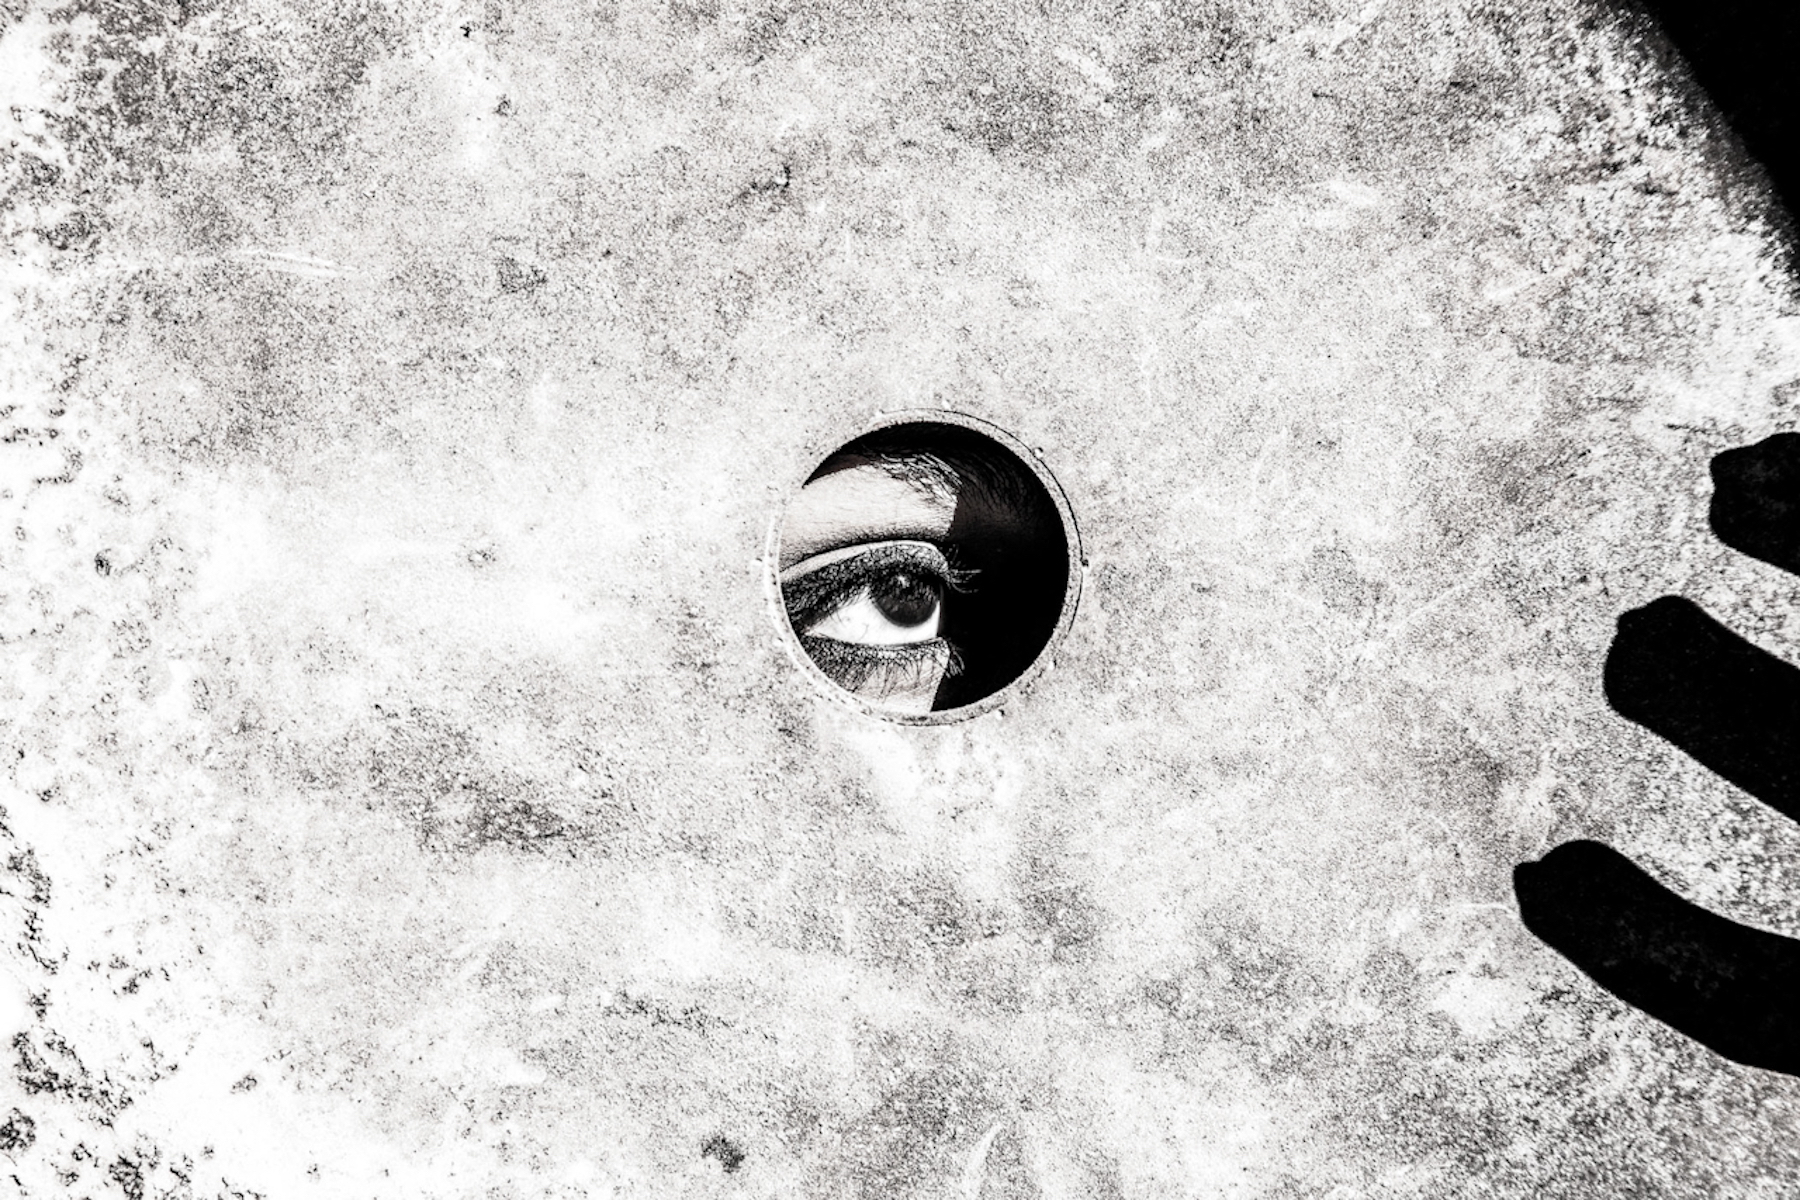 St. Merrique's Eye